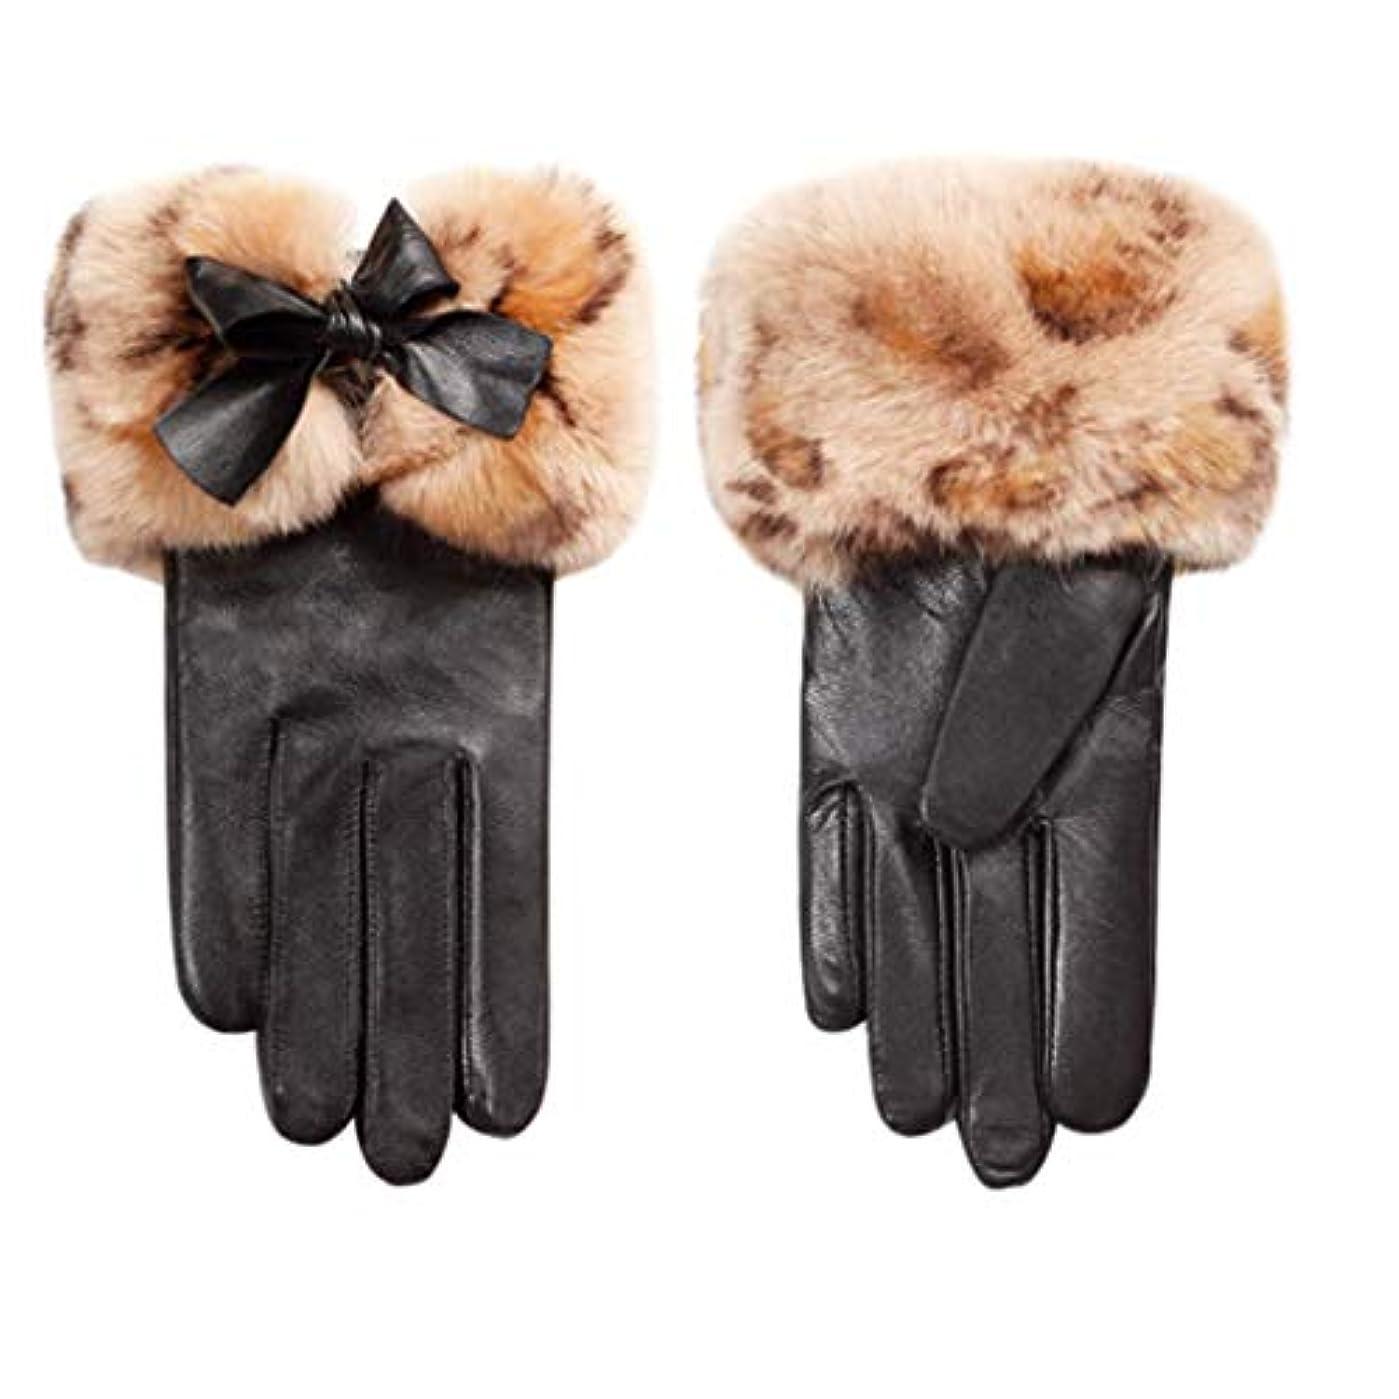 多数の対角線シネマ手袋女性の冬プラスベルベット厚い暖かい韓国のかわいい乗り物運転屋外防風レディース革手袋N2E8X81452黒M